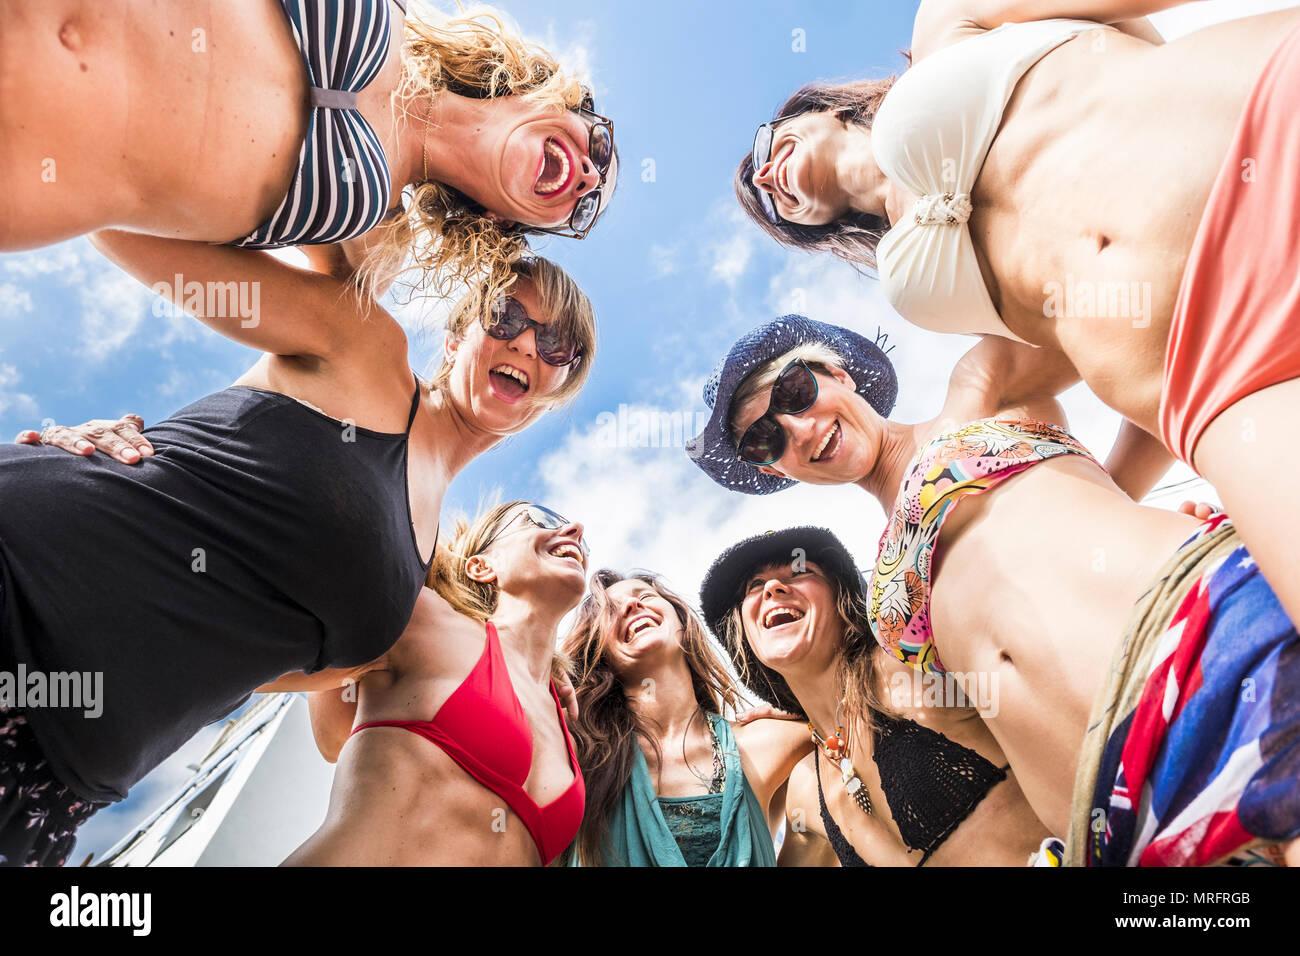 Schönes Portrait von sieben Frauen Frauen kaukasischen aus dem botton Sicht in die Mitte der Gruppe. die Menschen glücklich zusammen Spaß haben in den Beziehungen Stockbild